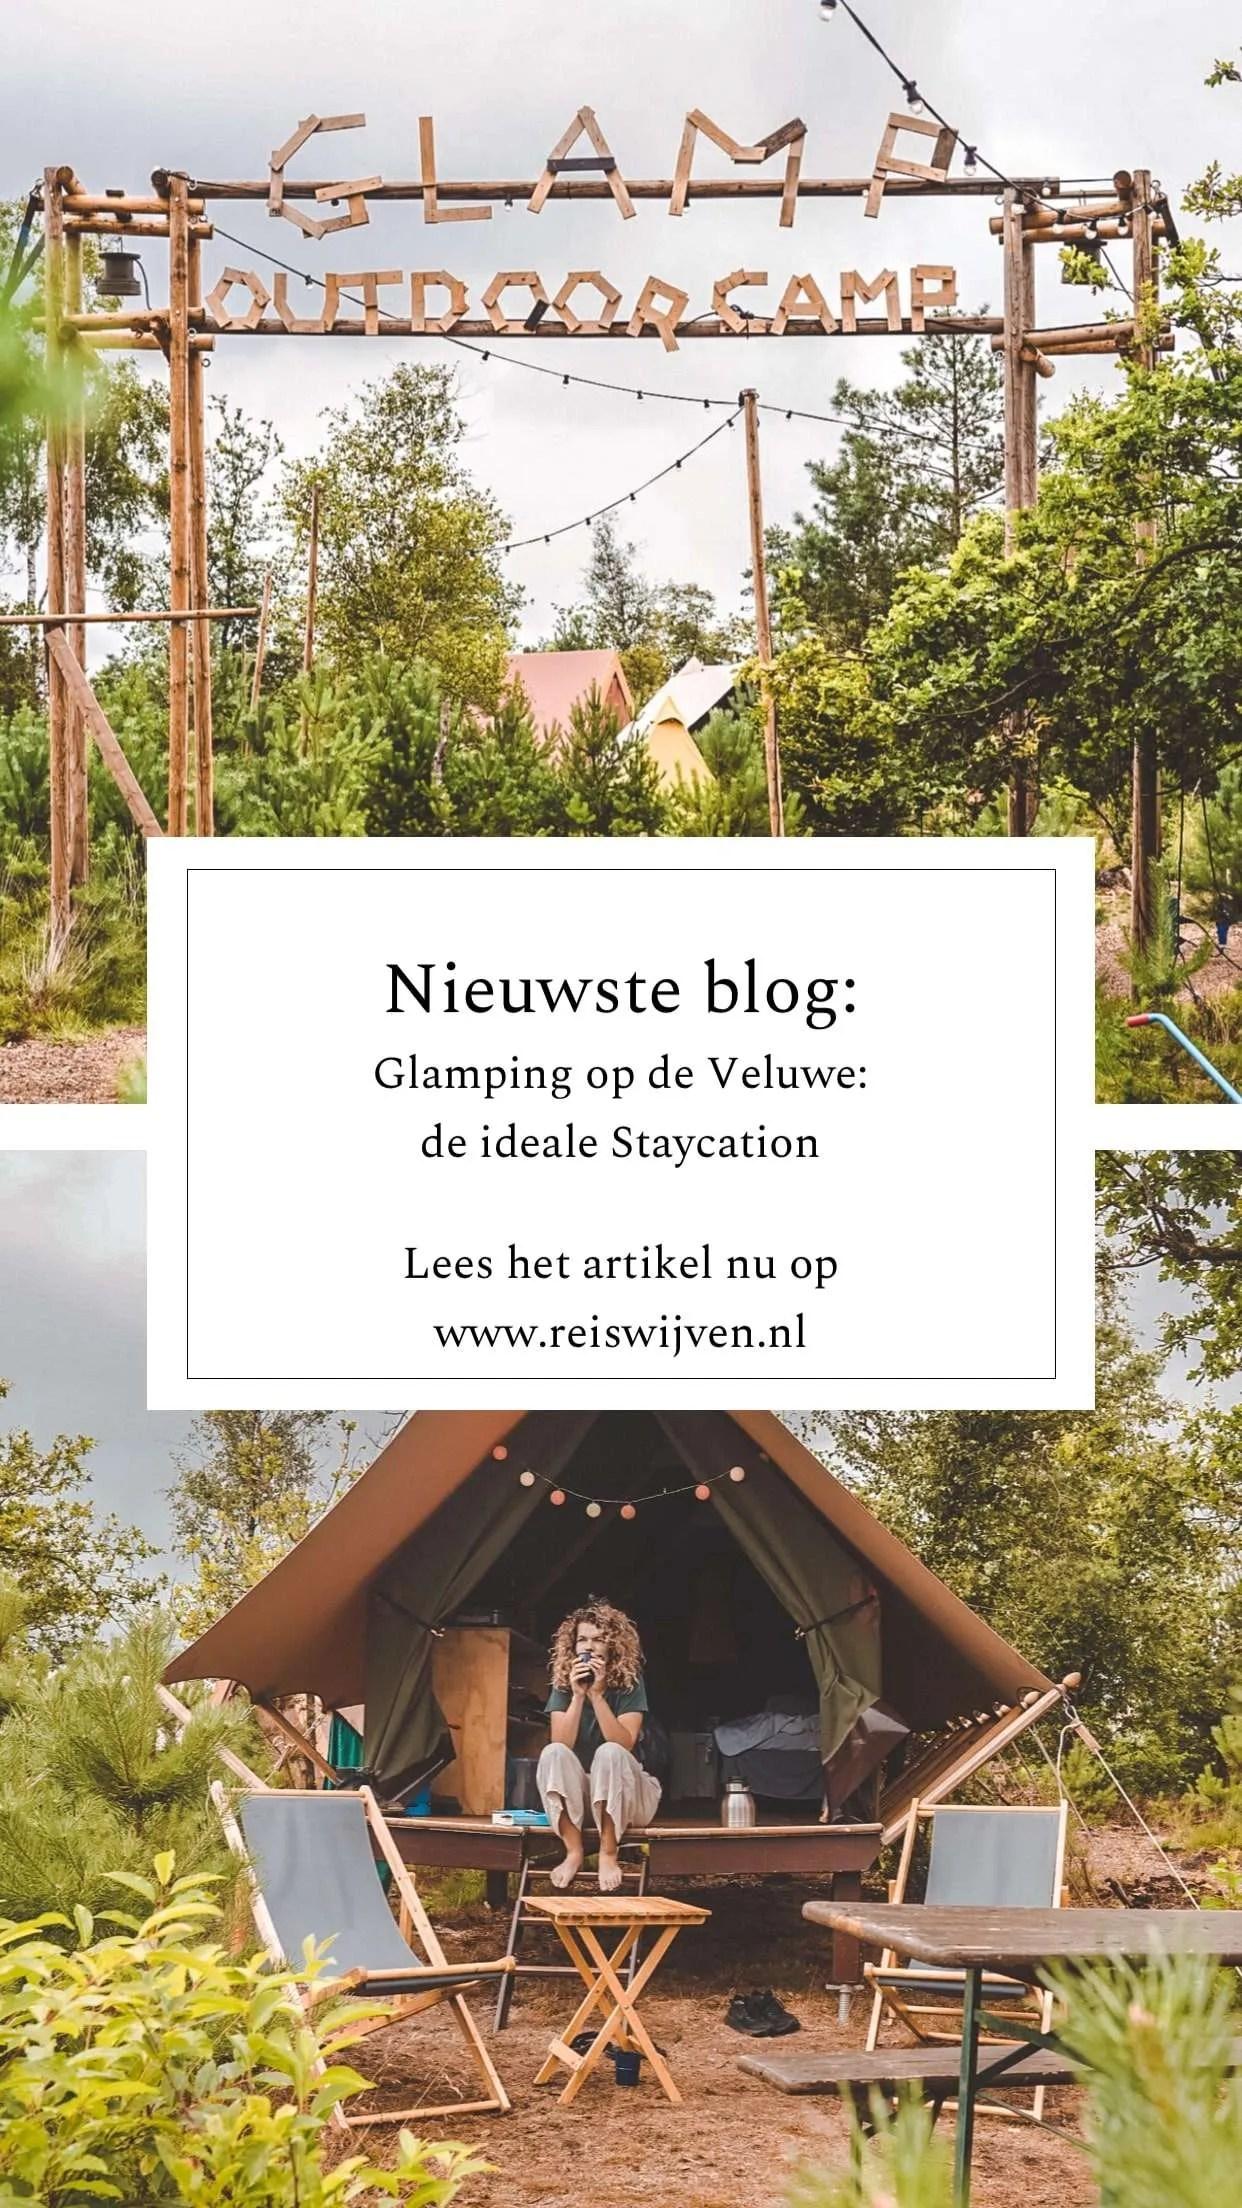 Glamping op de Veluwe: de ideale Staycation